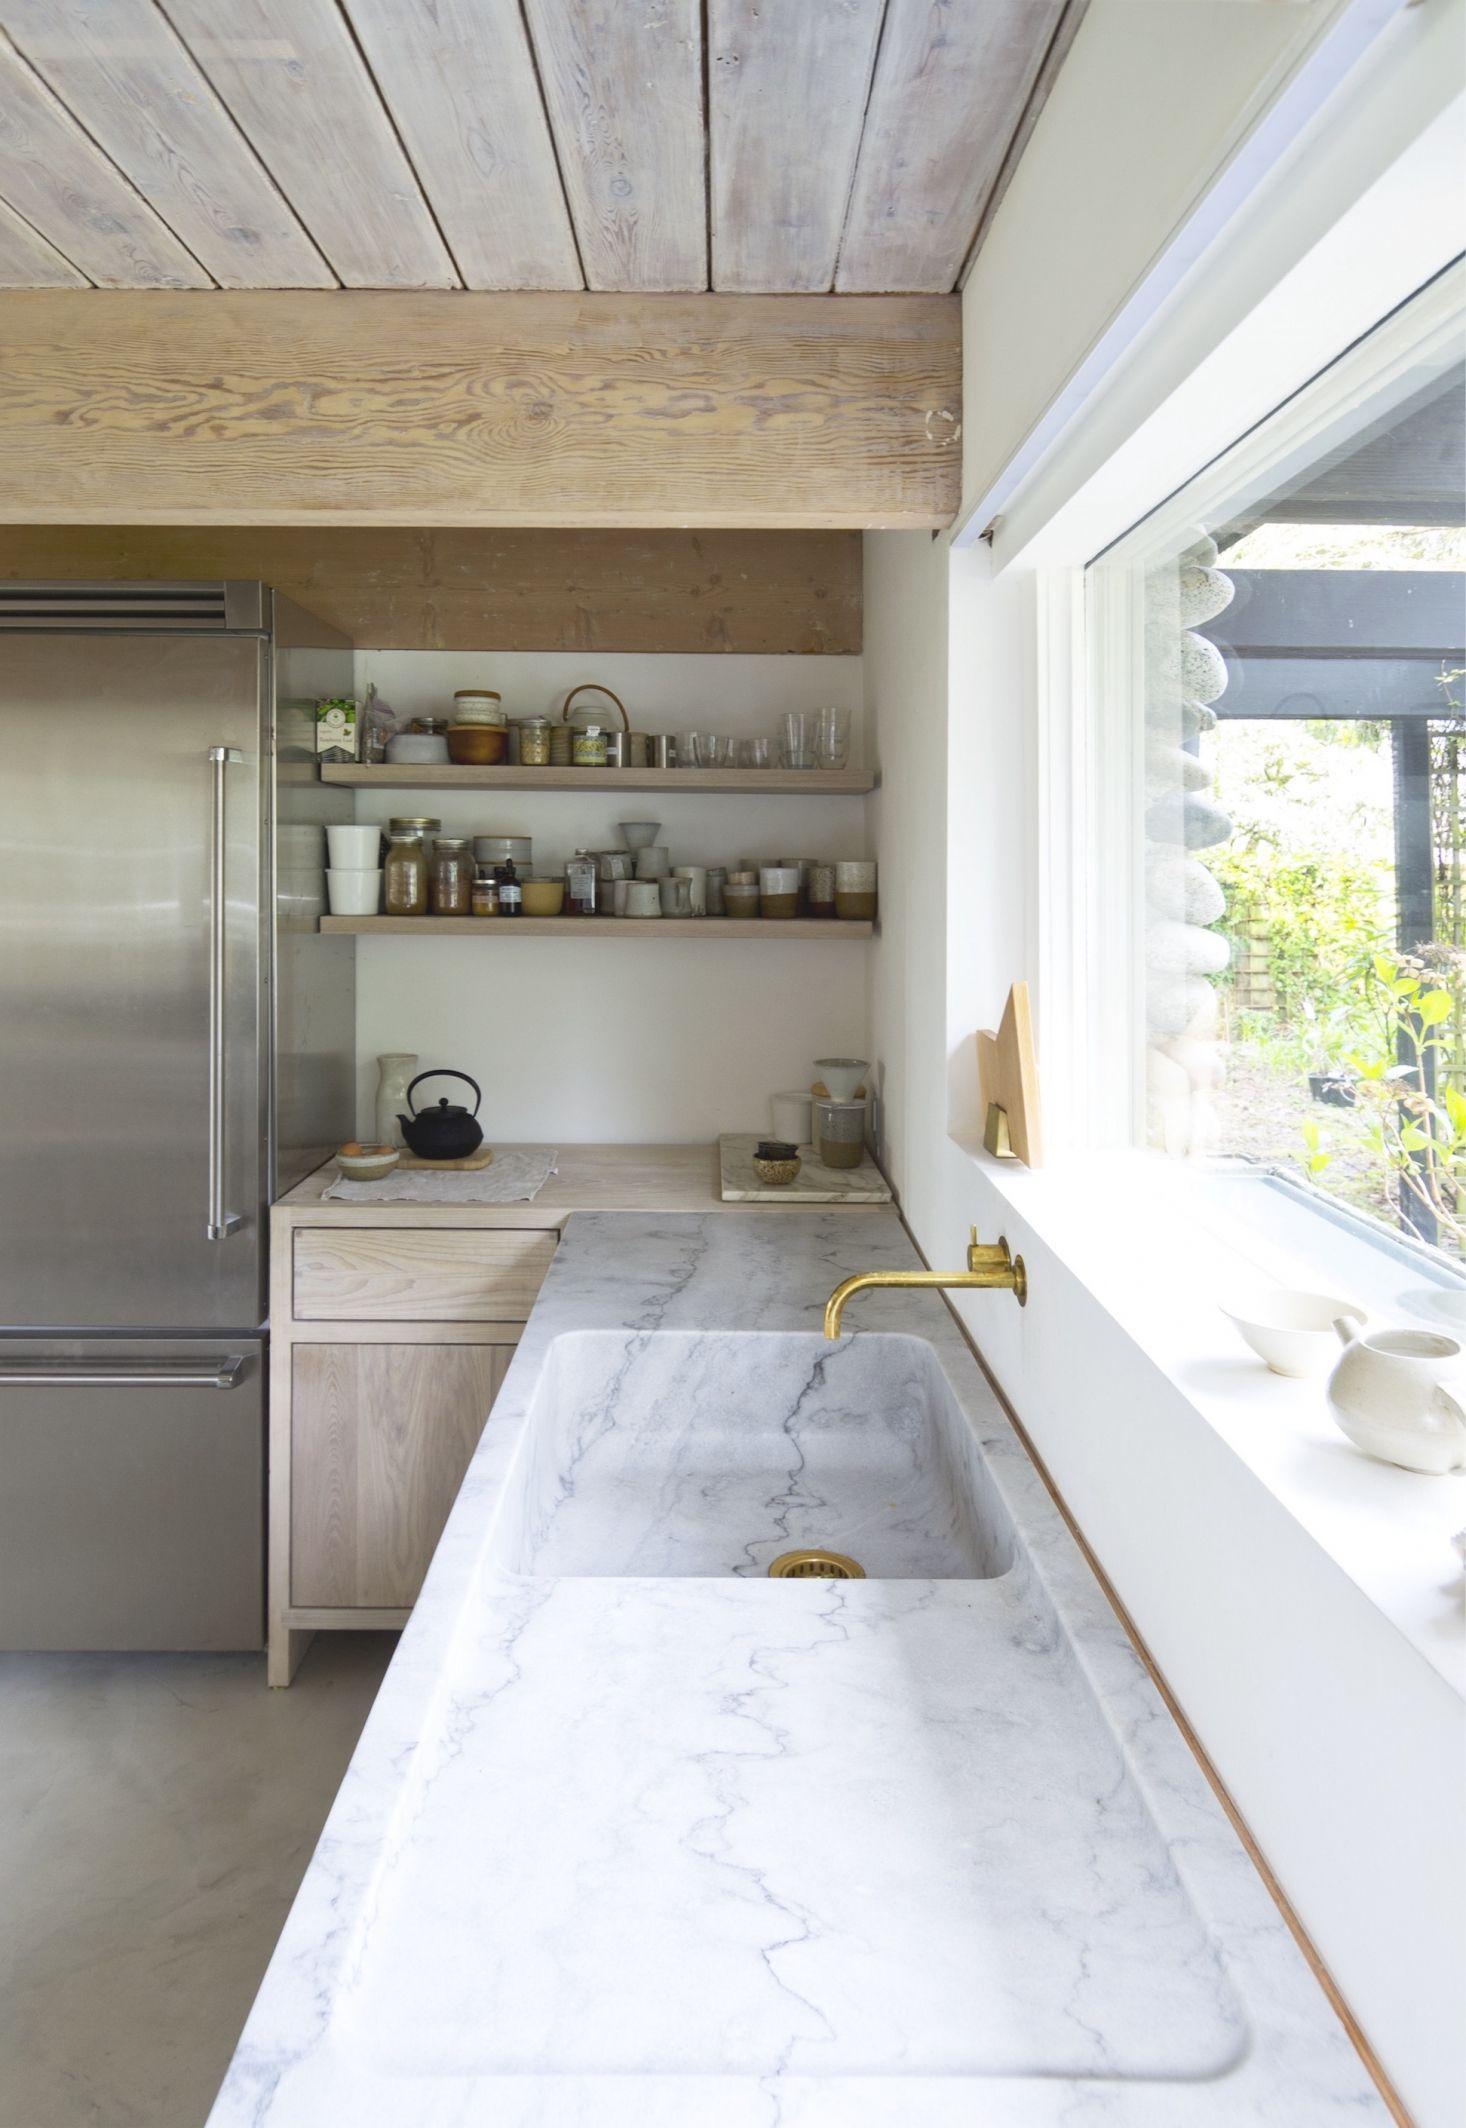 inspirasi kitchen sink minimalis untuk dapur